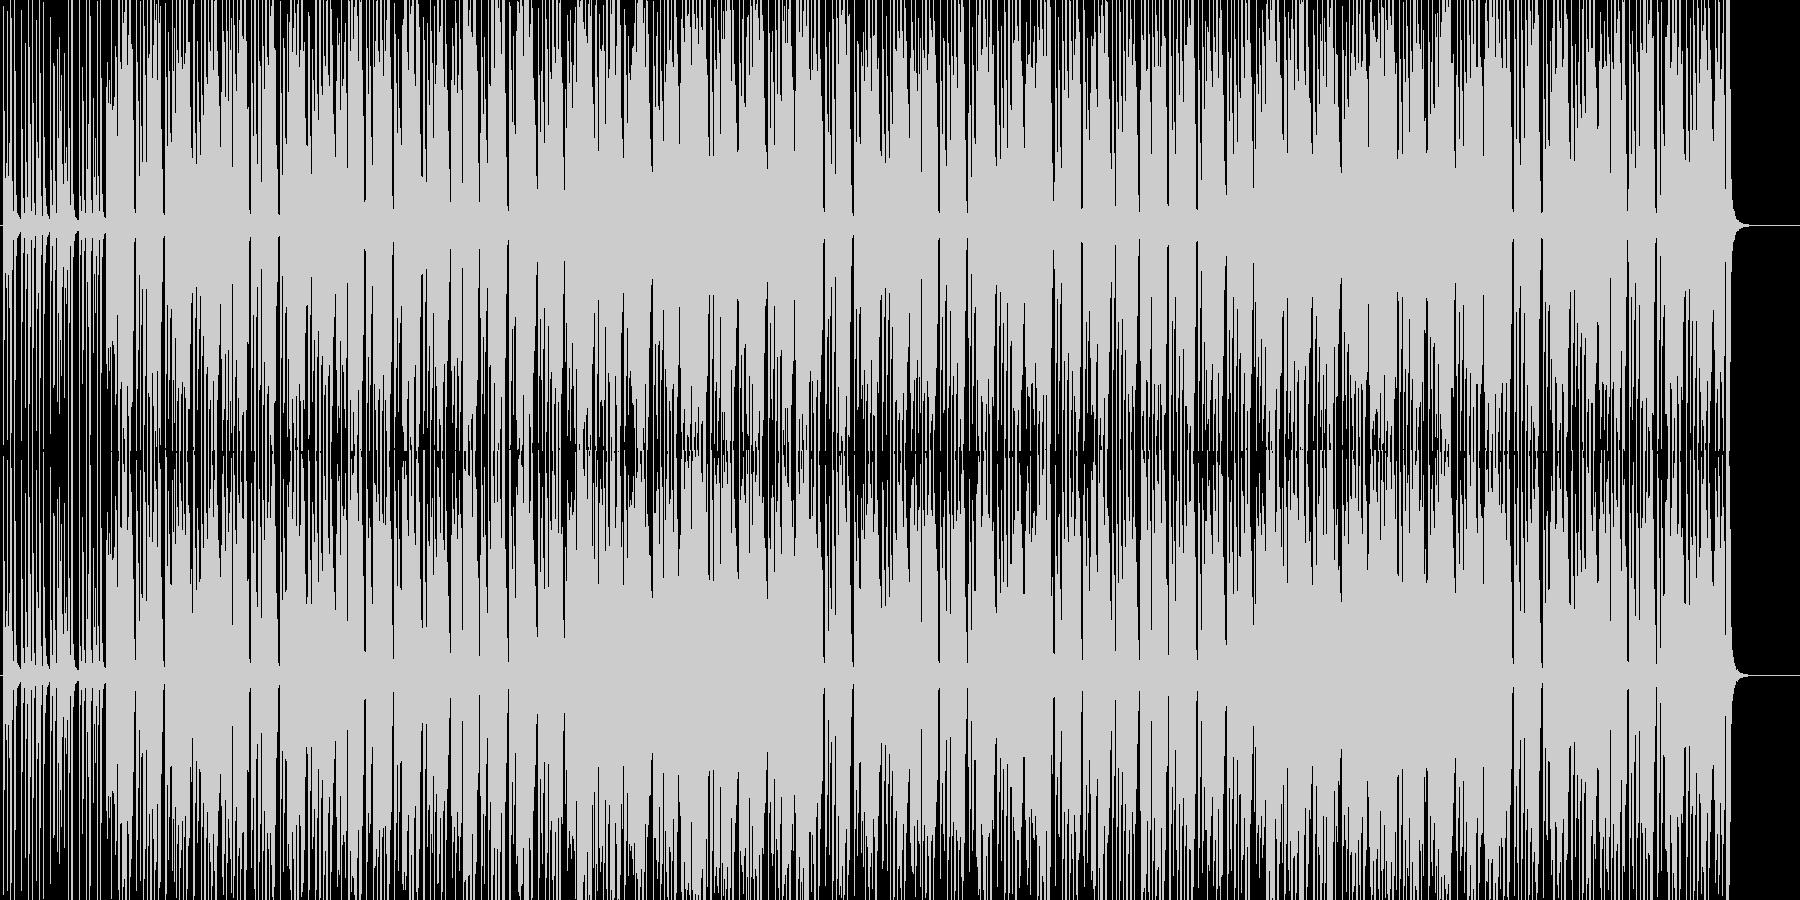 朗らかな休日を描いたいきいきポップスの未再生の波形